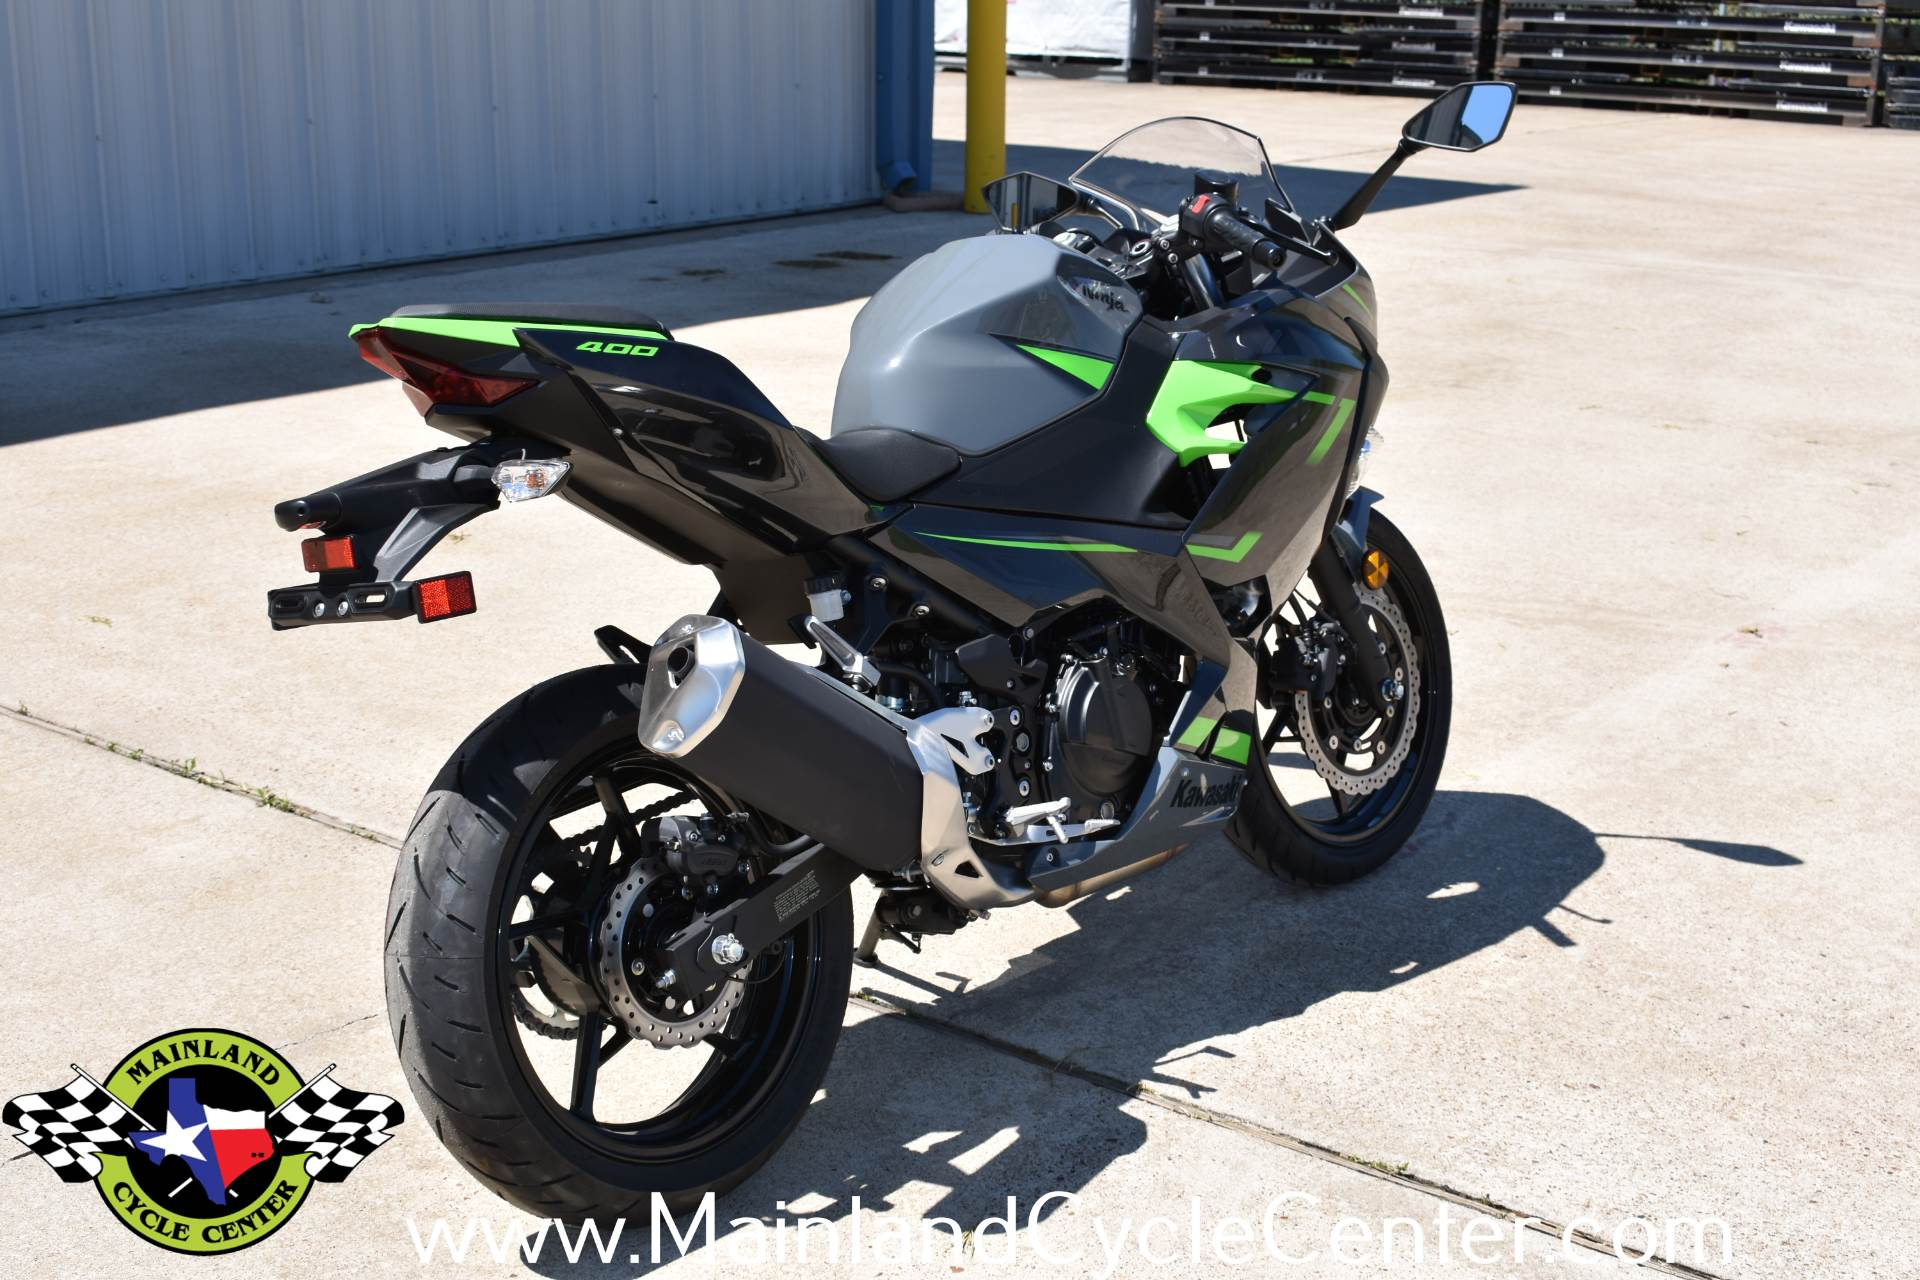 2019 Kawasaki Ninja 400 ABS 4